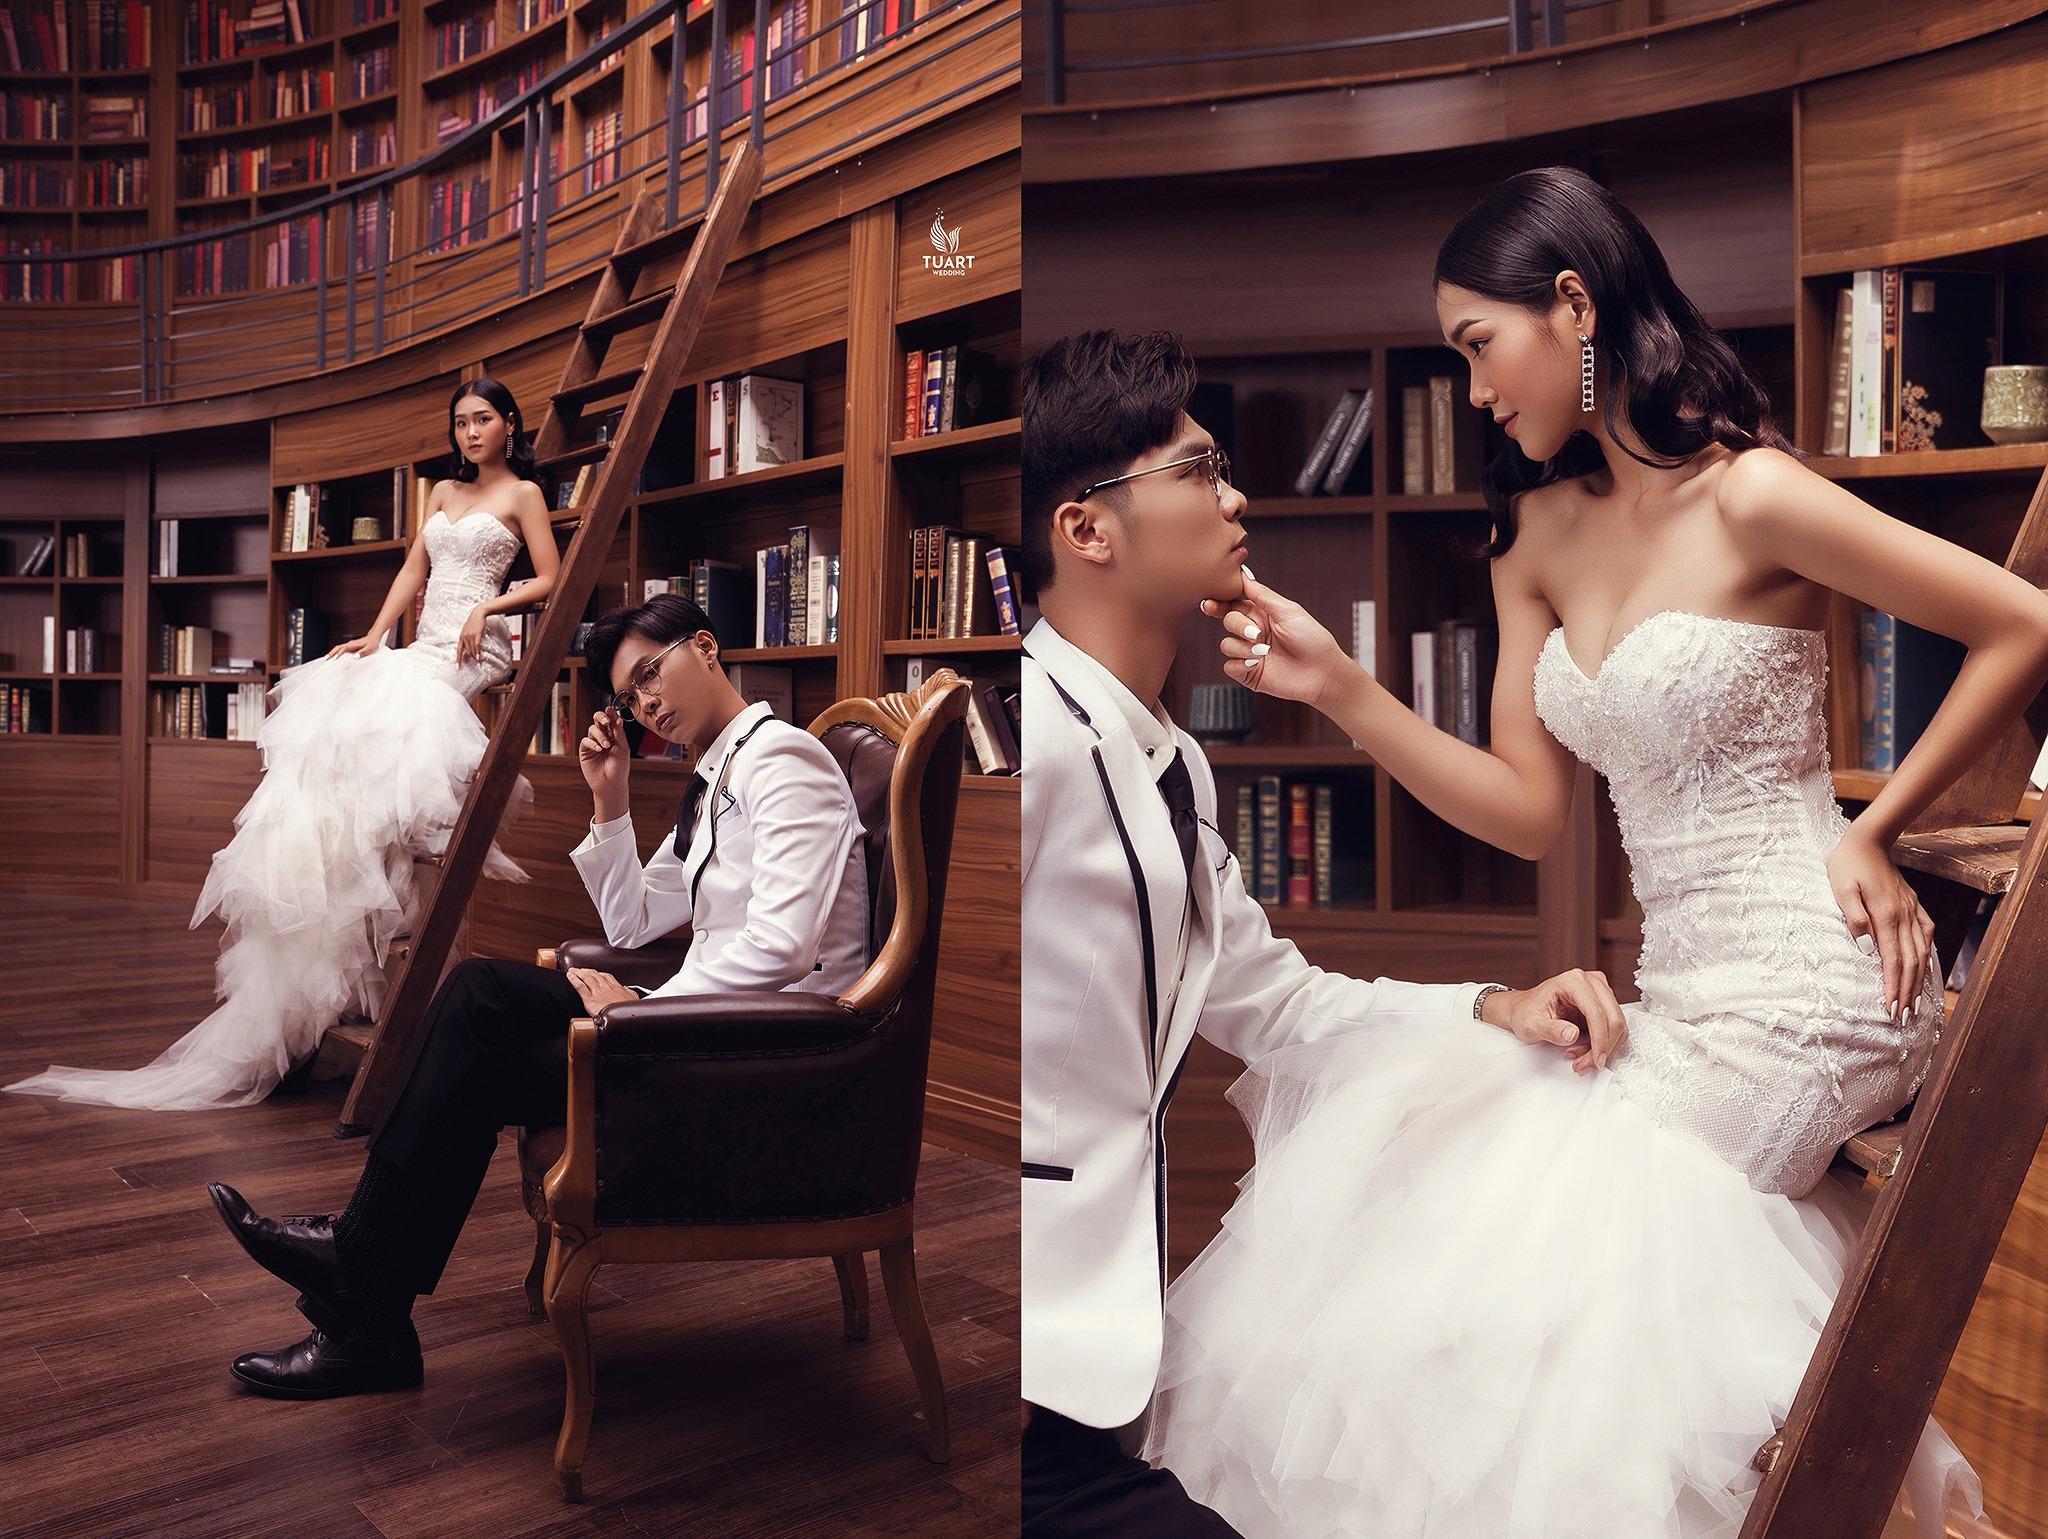 Album chụp ảnh cưới đẹp tại Hà Nội: 5 Graden Studio 1